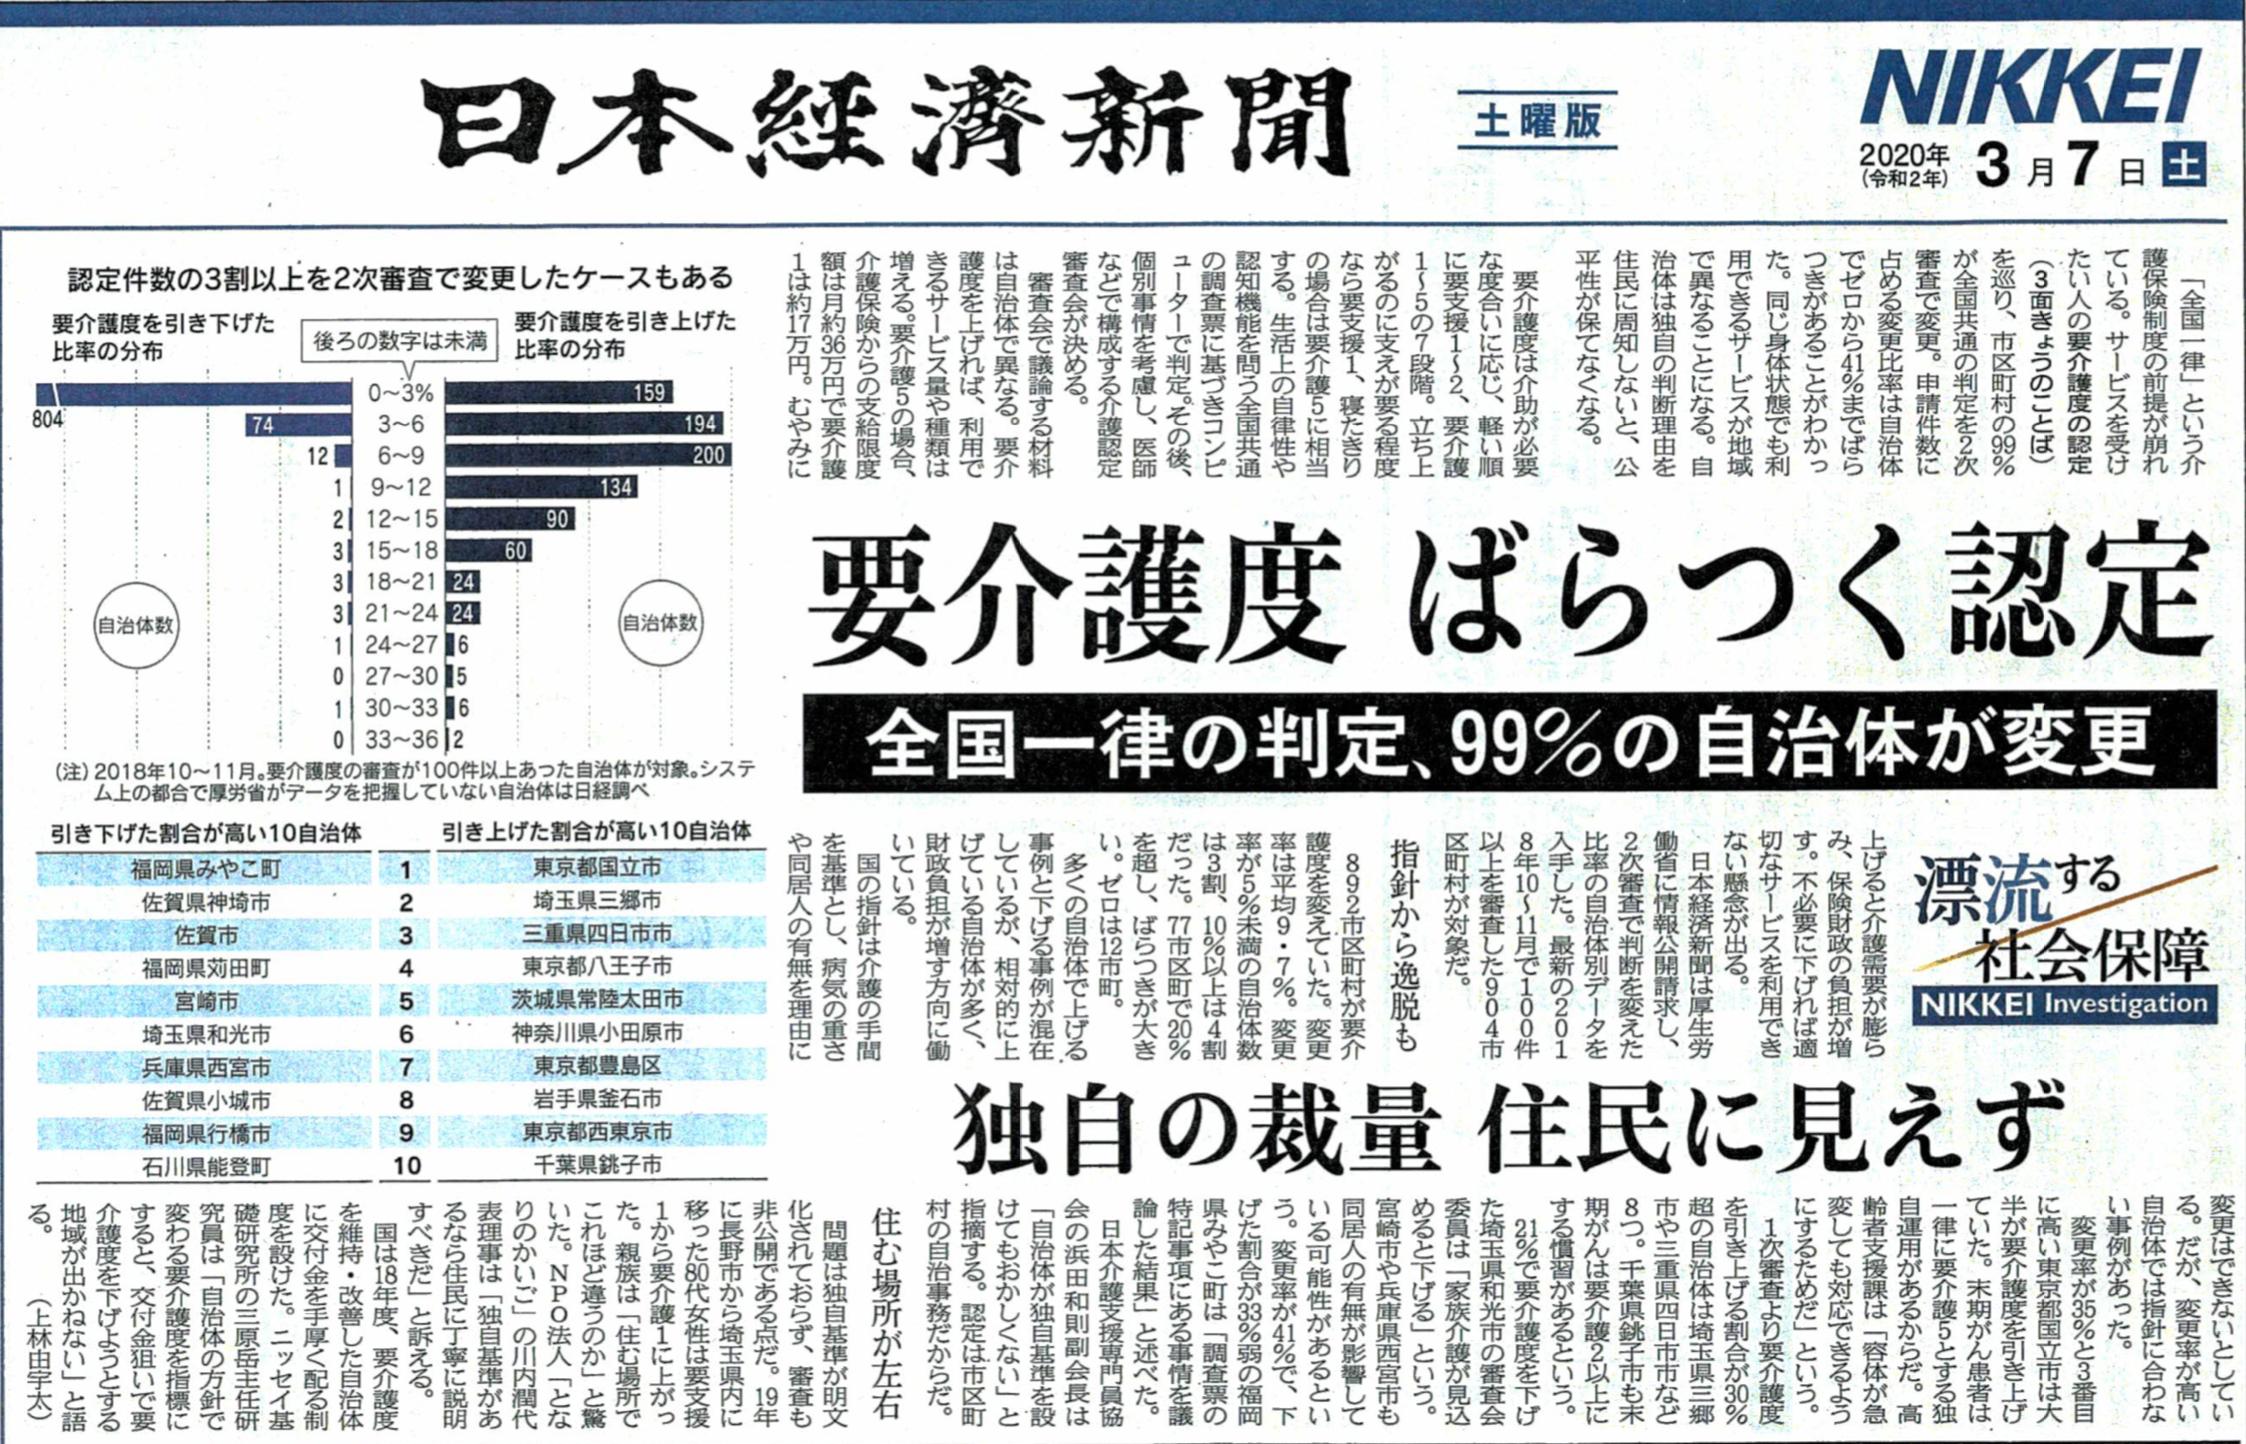 日経新聞『要介護 ばらつく認定』